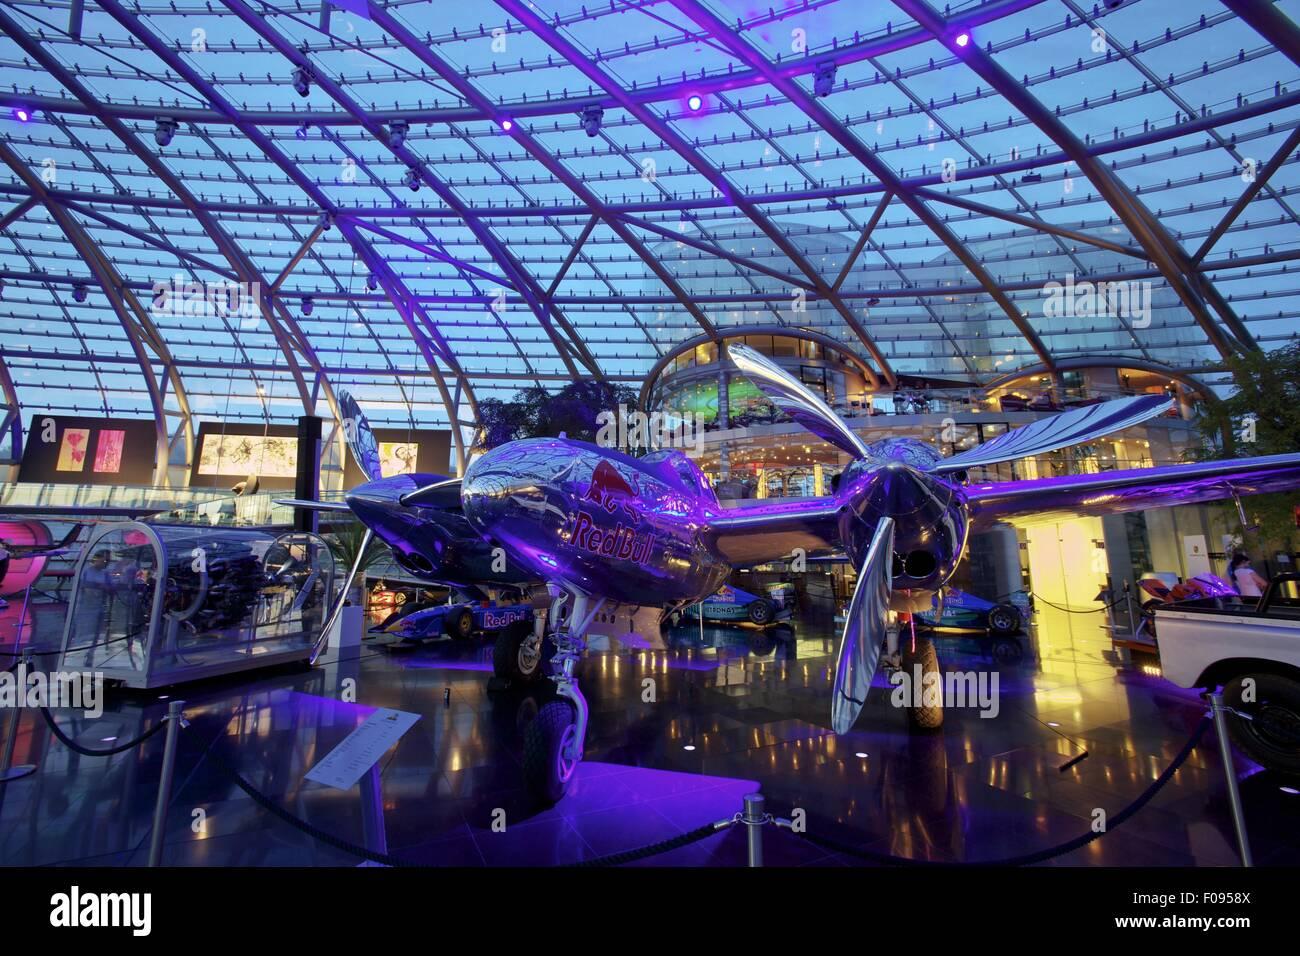 Hangar 7 Ikarus